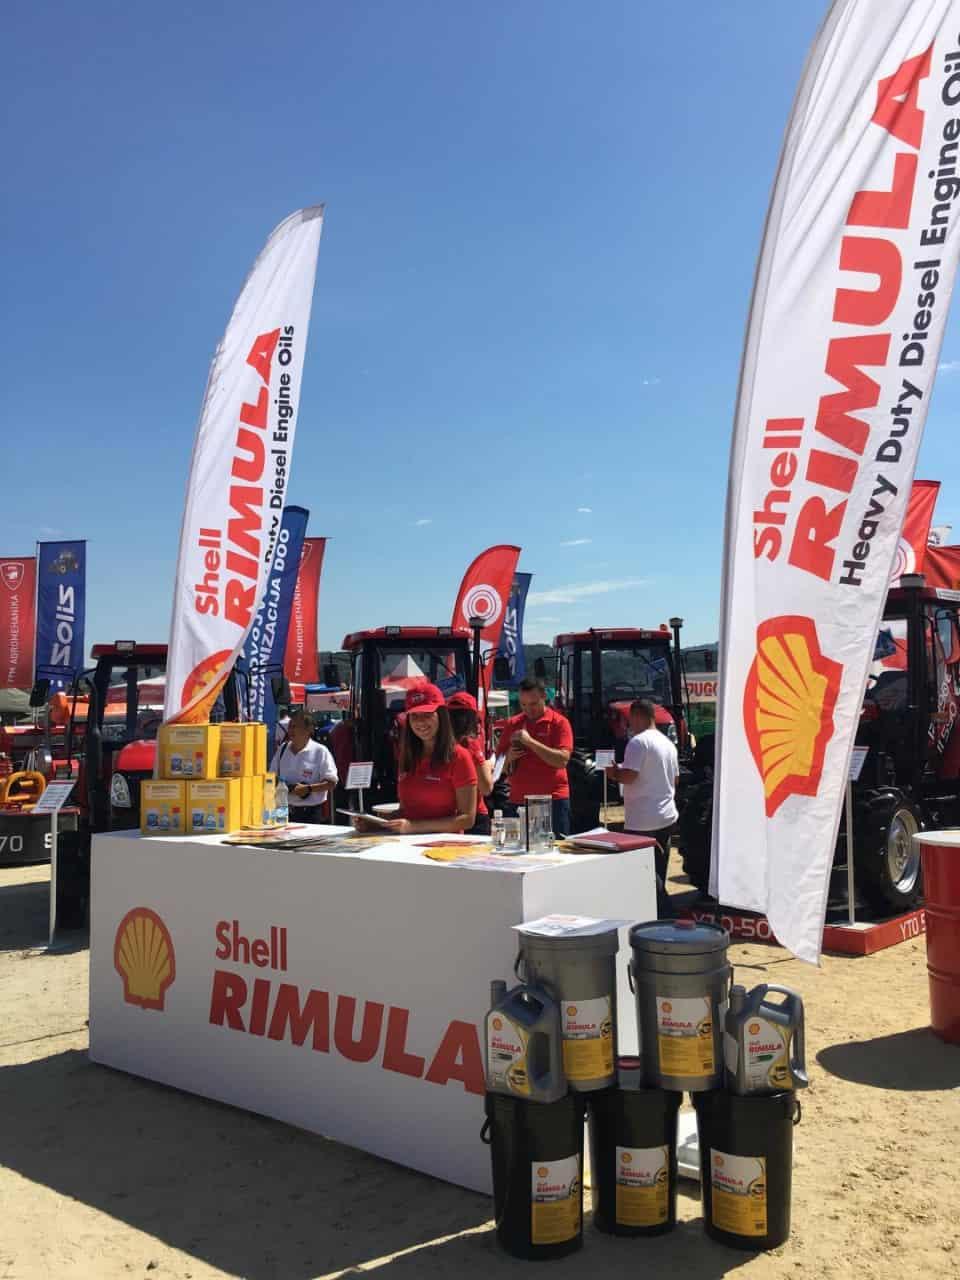 Shell Rimula ulja na štandu, traktori u pozadini, ljudi predstavljaju ulja